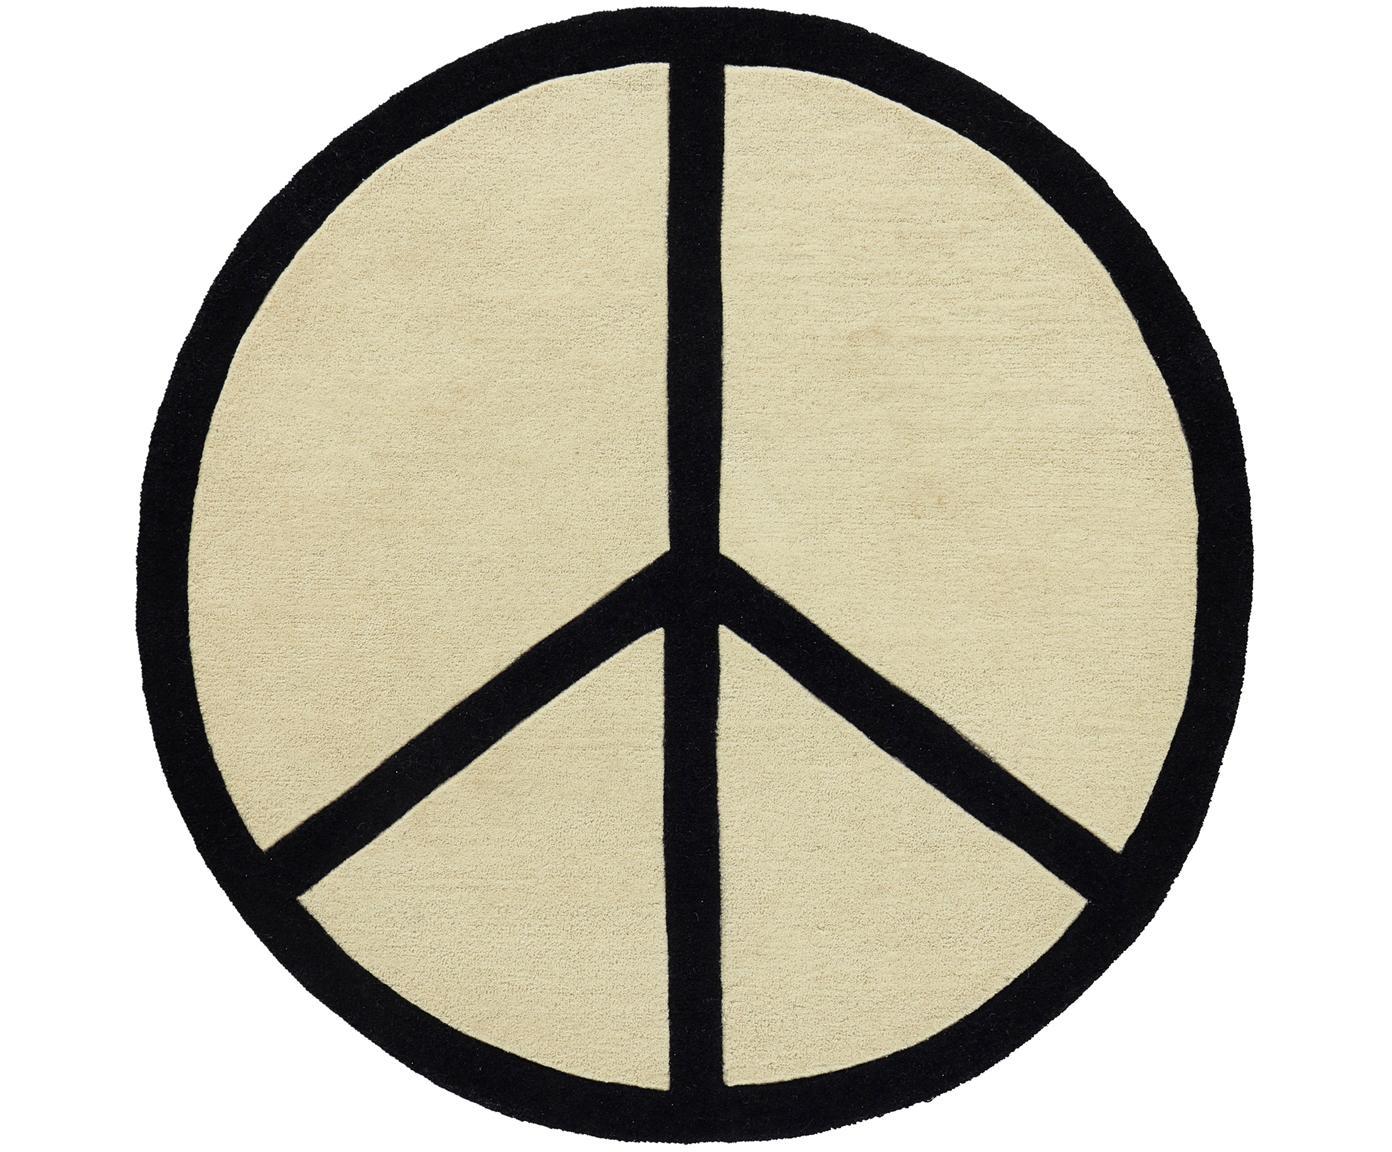 Tappeto rotondo in lana Peace Out, Lana, Color crema, nero, Ø 120 cm